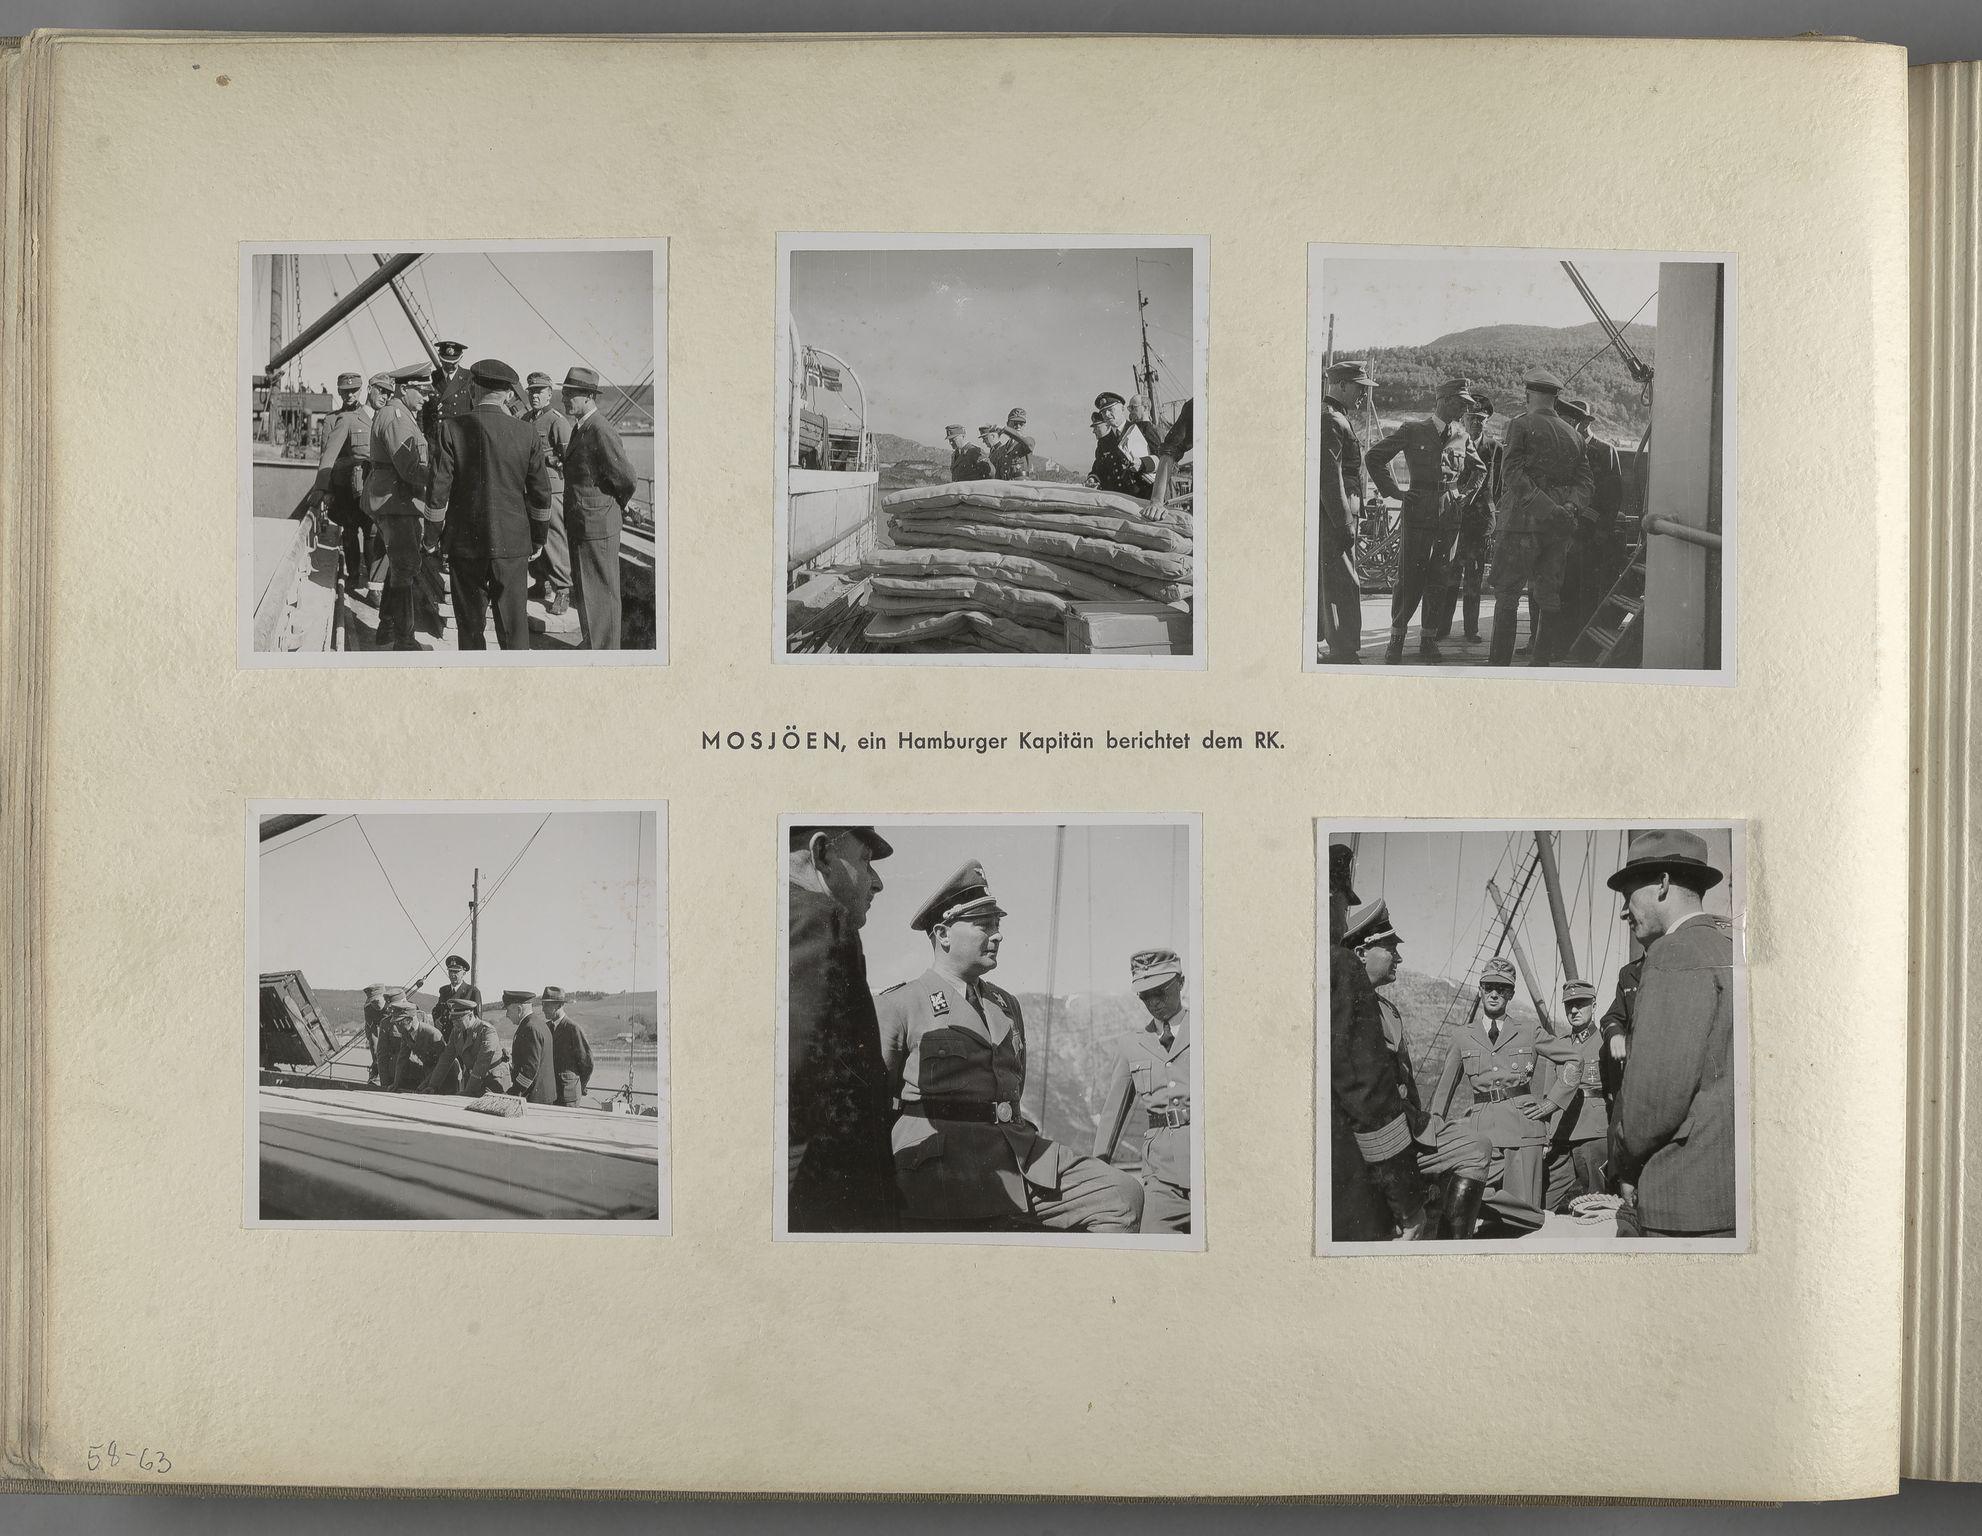 RA, Tyske arkiver, Reichskommissariat, Bildarchiv, U/L0071: Fotoalbum: Mit dem Reichskommissar nach Nordnorwegen und Finnland 10. bis 27. Juli 1942, 1942, s. 24